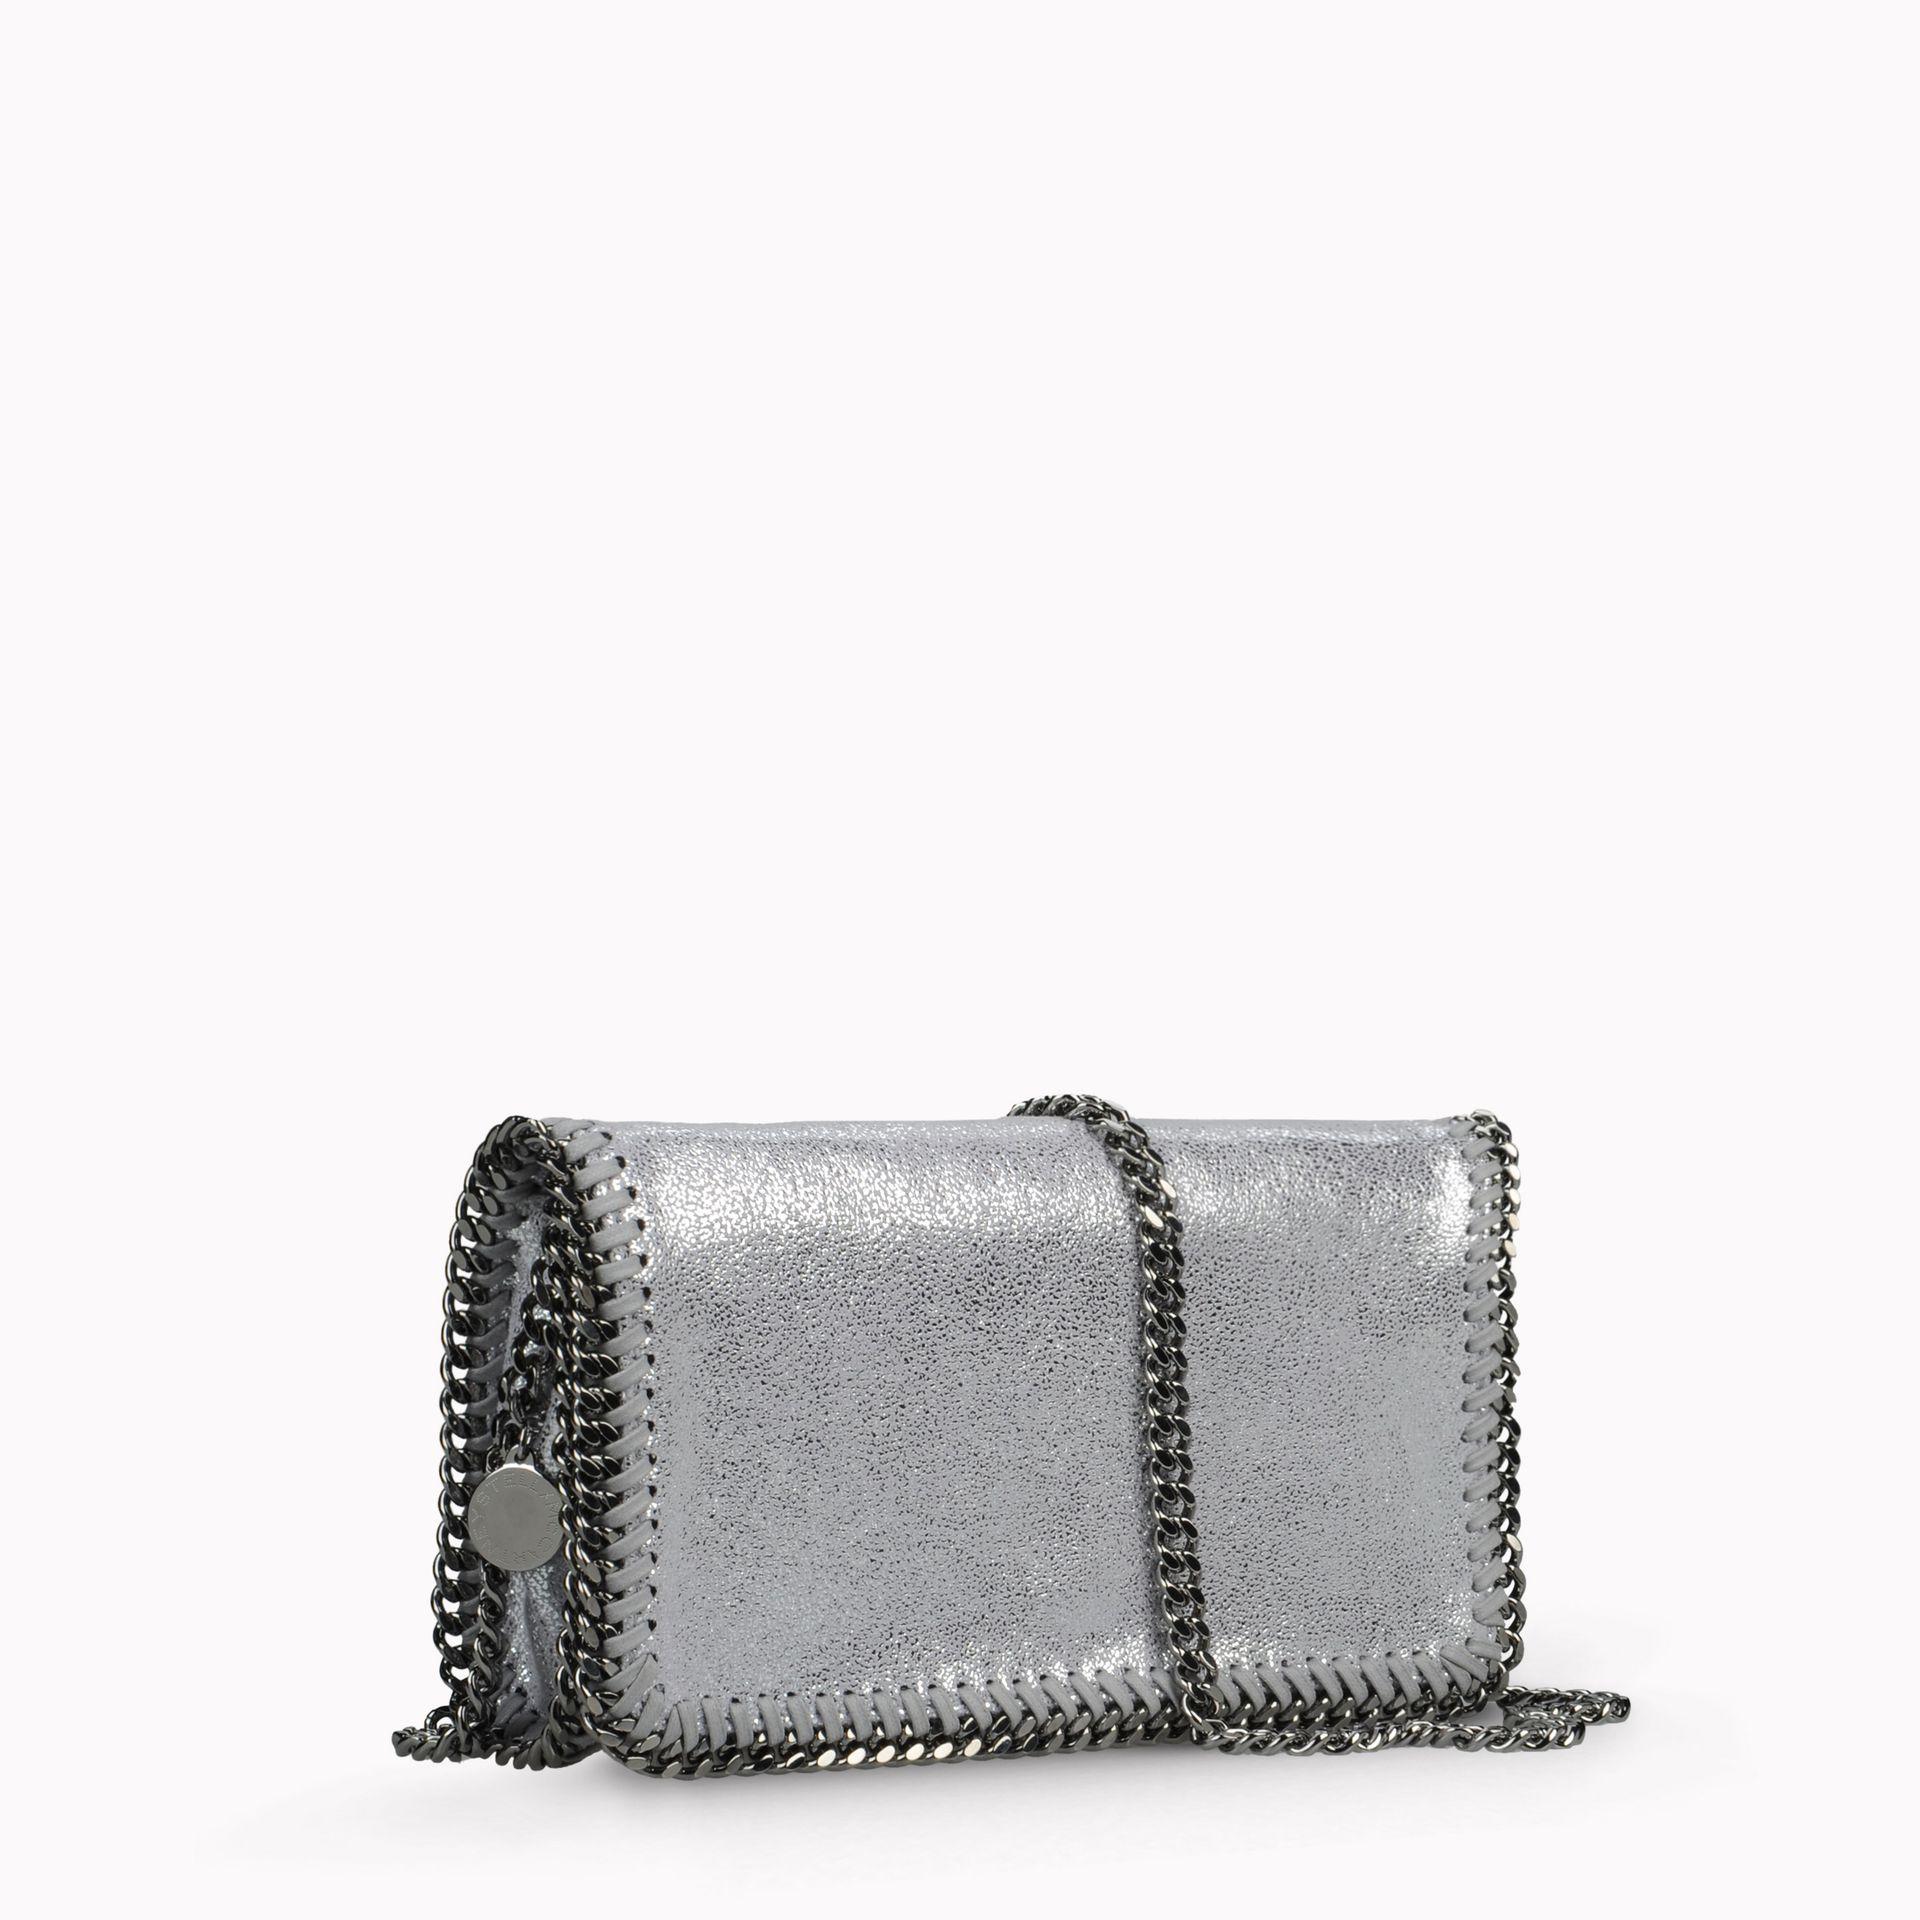 7a059f87ac5a Lyst - Stella McCartney Cross Body Bag in Metallic